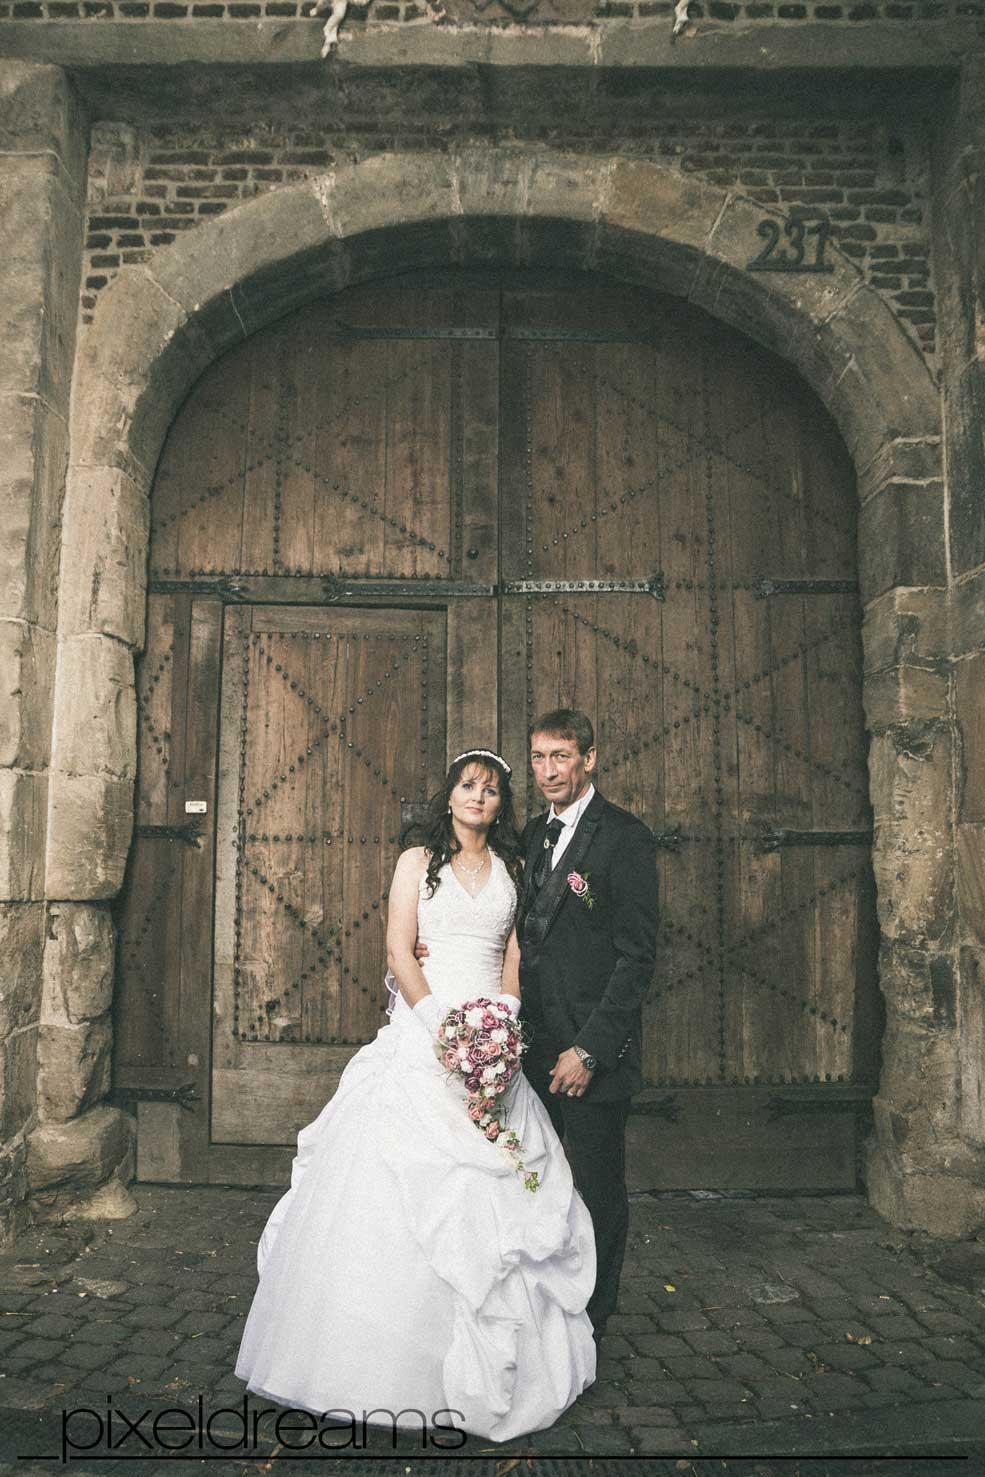 Hochzeitsfotografie vor dem Gutshof der Kommandeursburg in Kerpen Blatzheim.